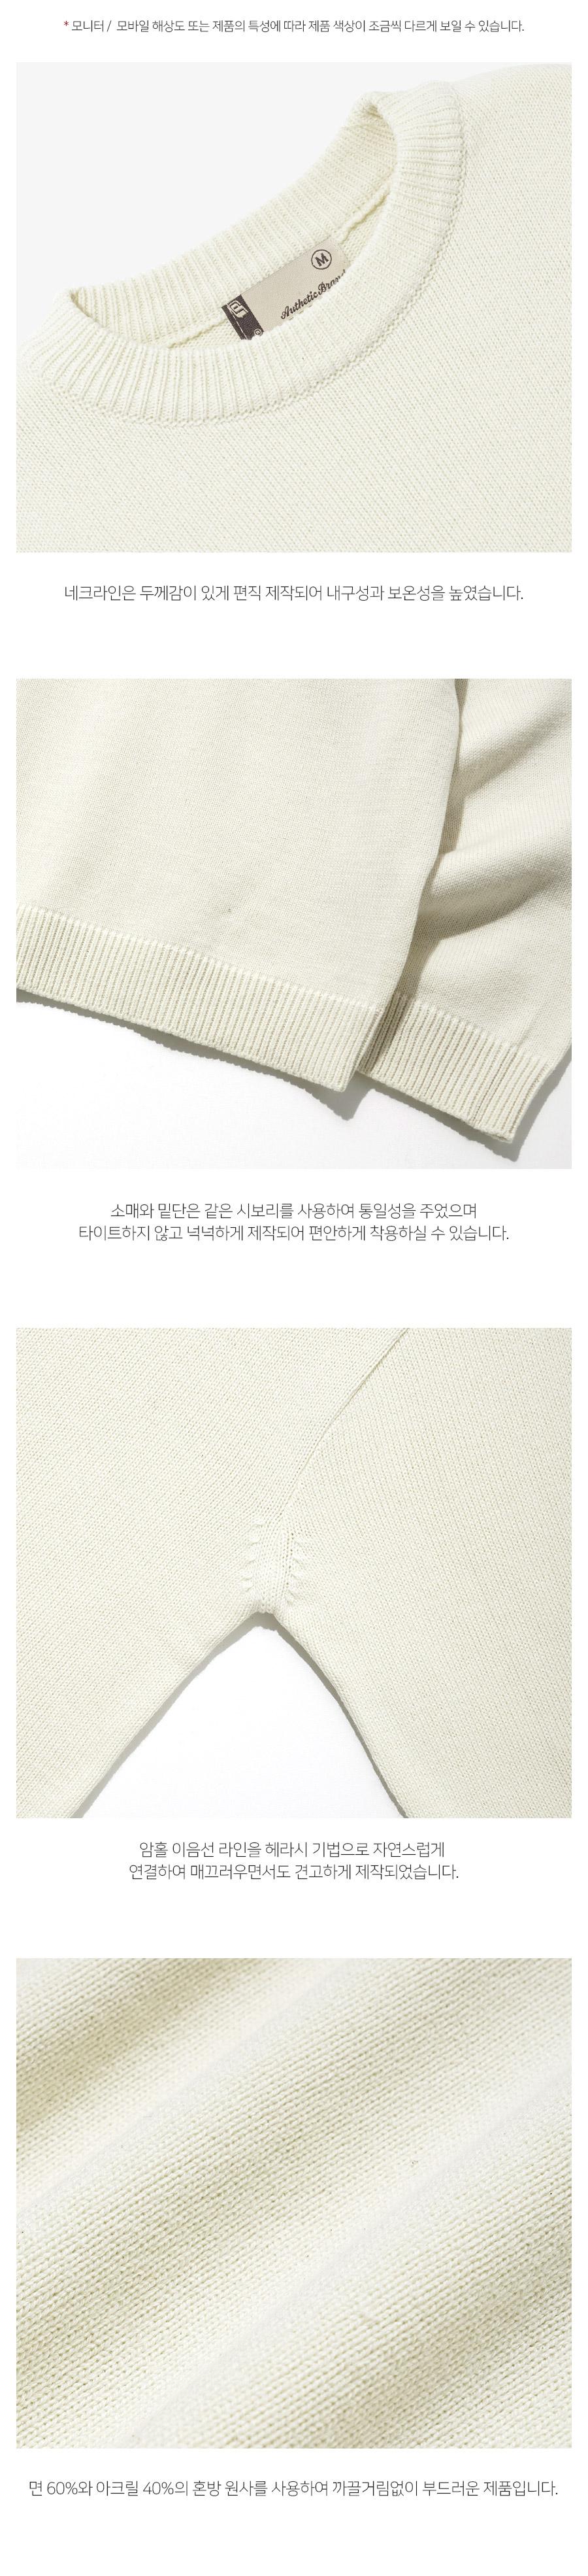 5_SJKN1283_detail_cream2_sr.jpg